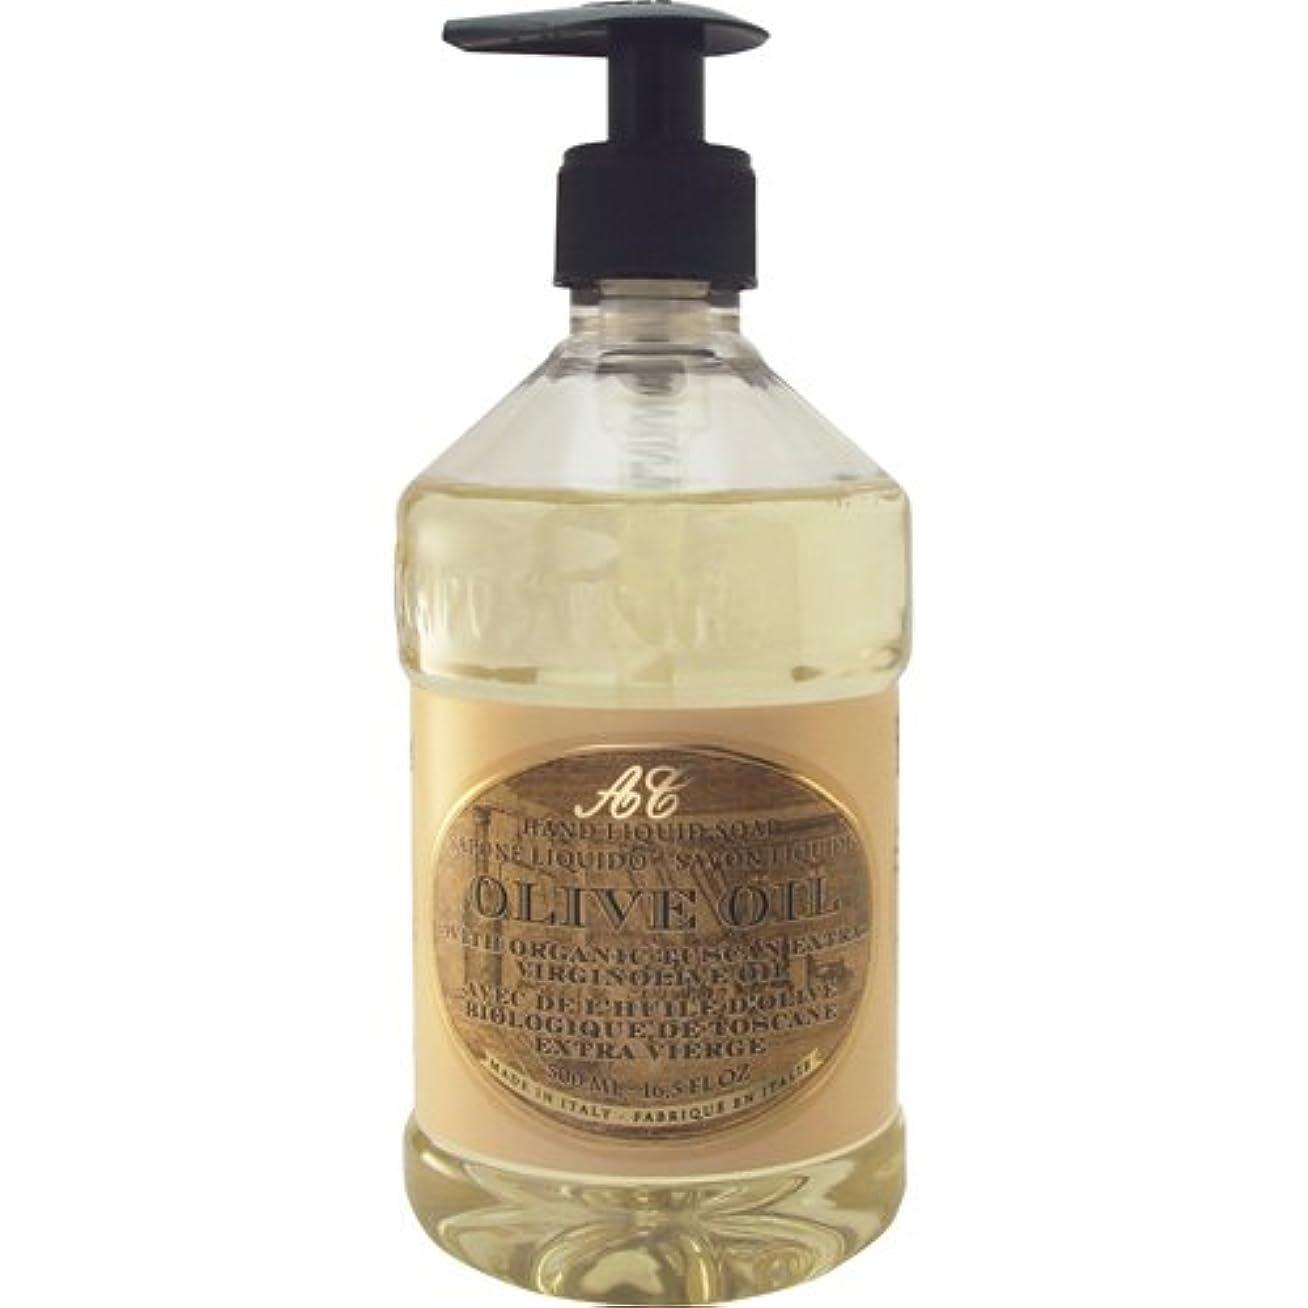 囲まれた険しいふざけたSaponerire Fissi レトロシリーズ Liquid Soap リキッドソープ 500ml Olive Oil オリーブオイル